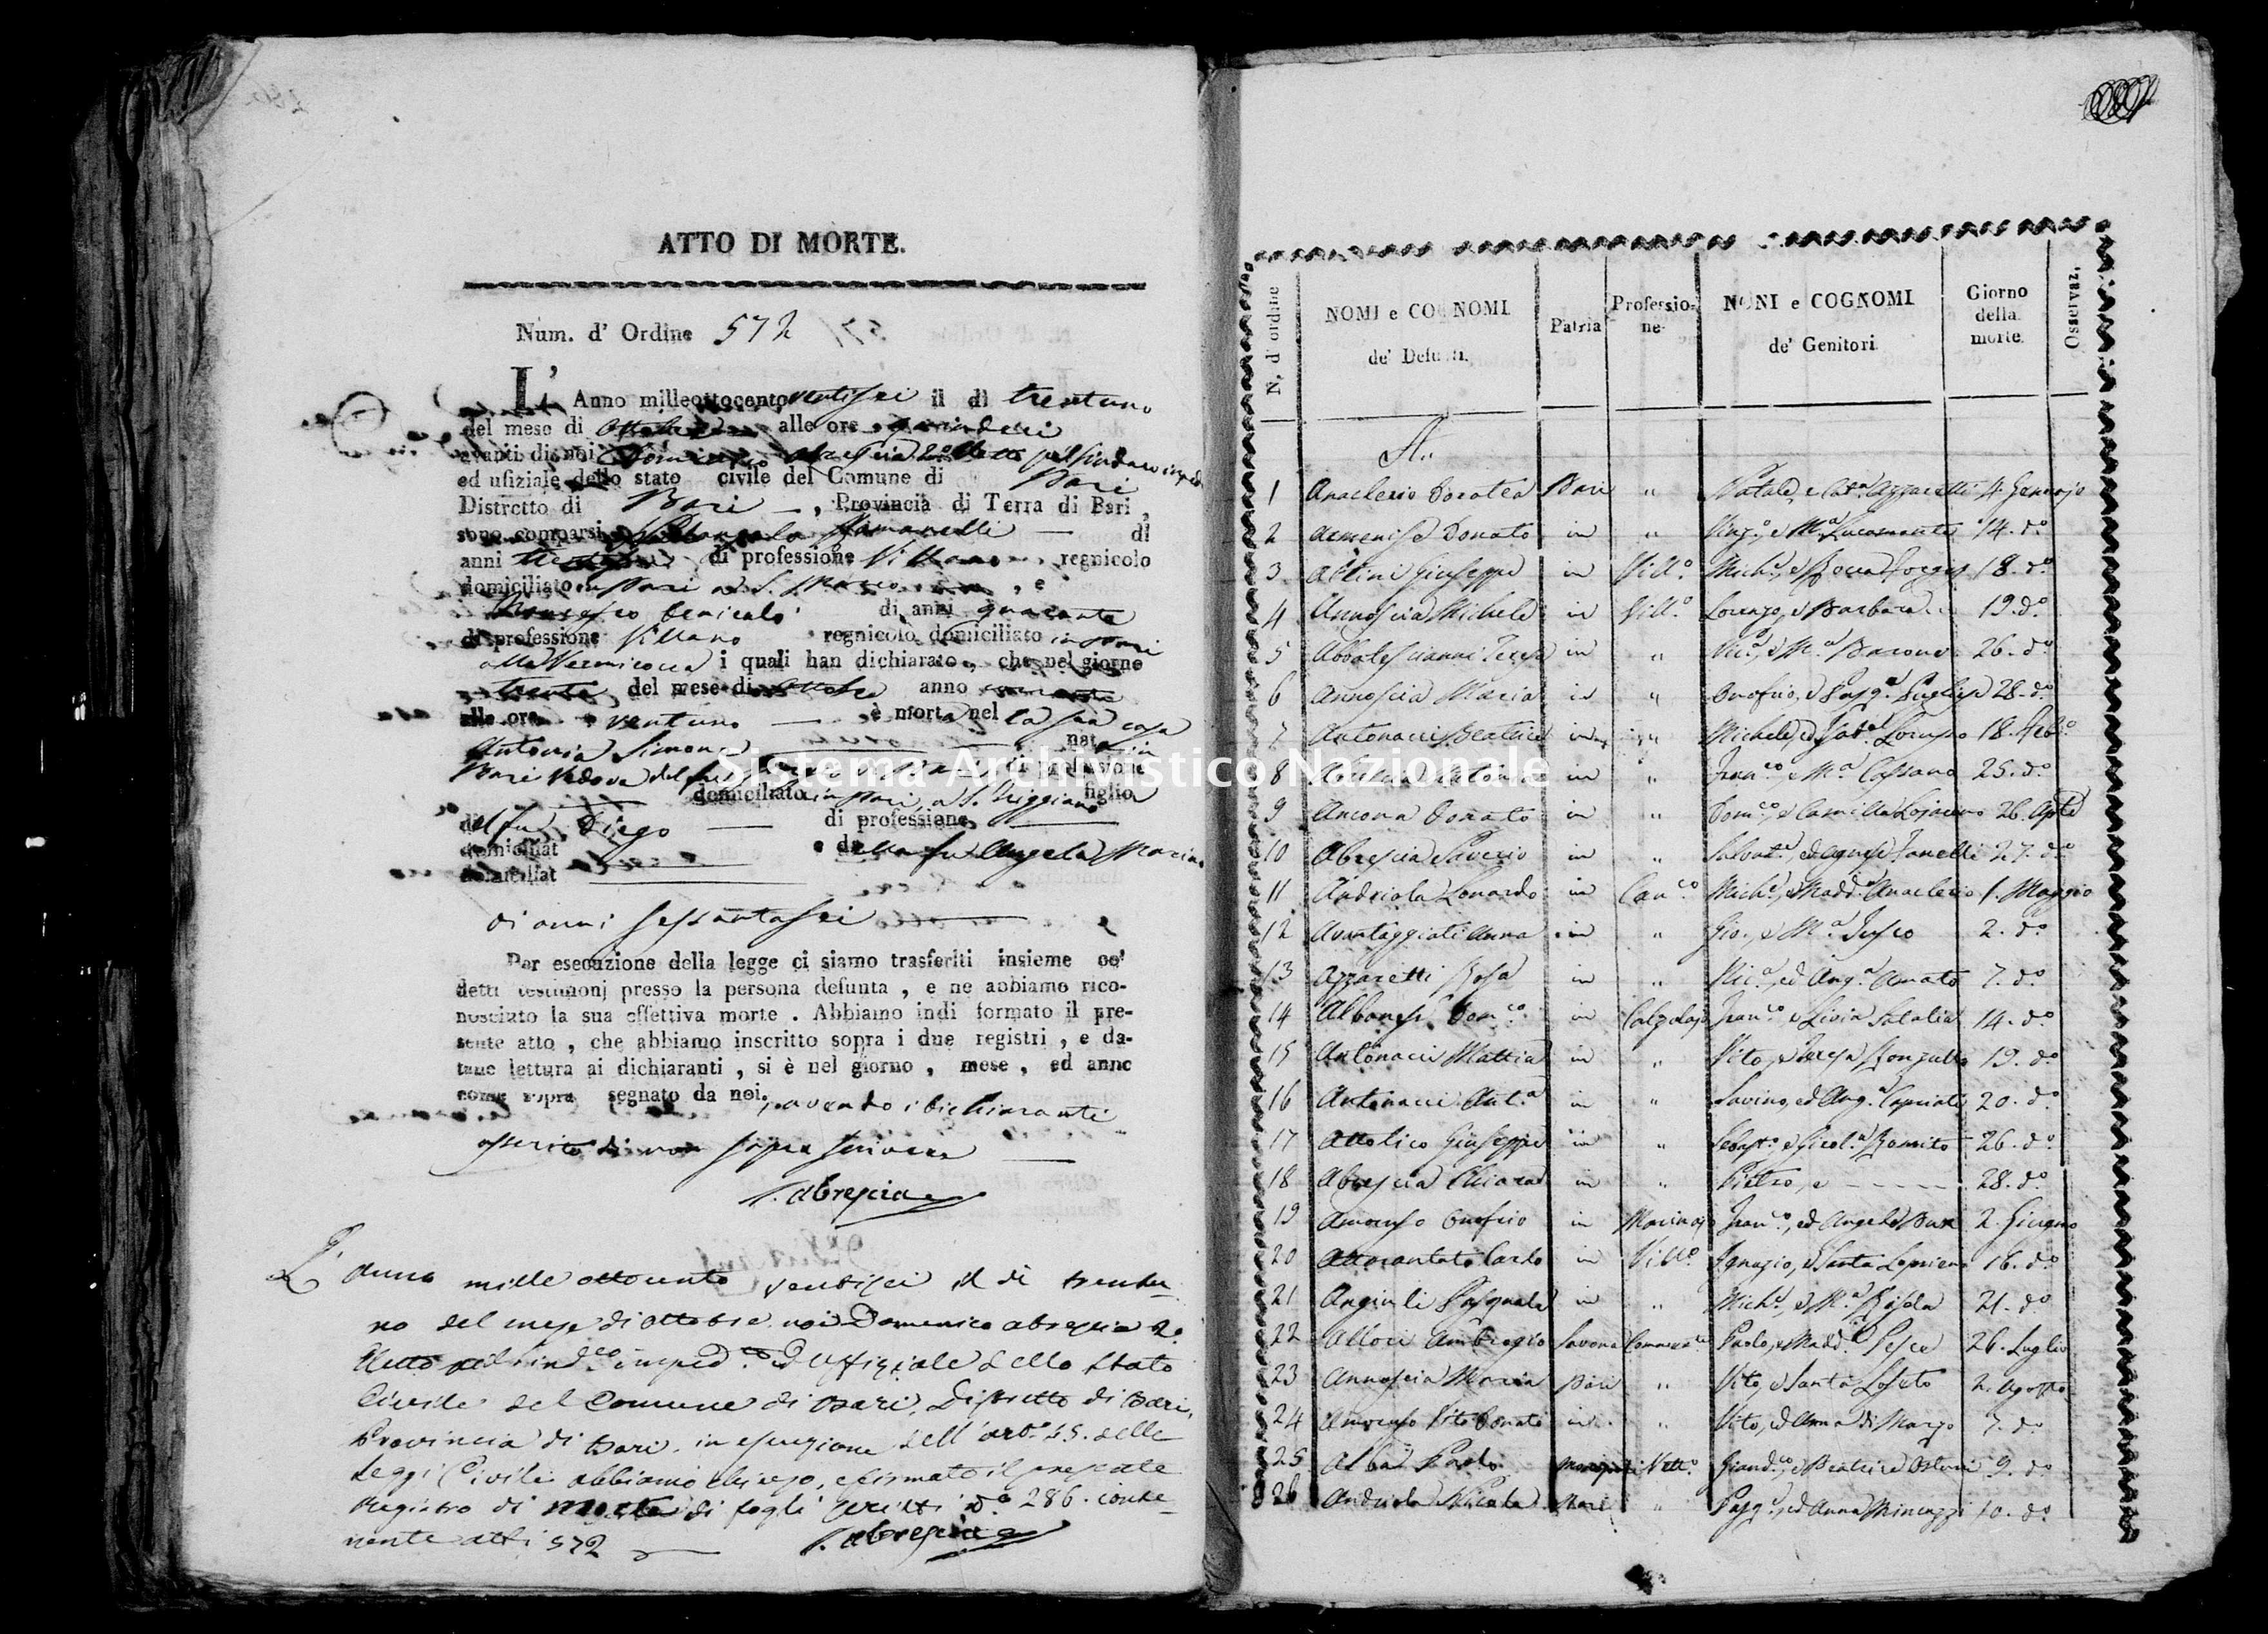 Archivio di stato di Bari - Stato civile della restaurazione - Bari - Morti, indice - 1826 -